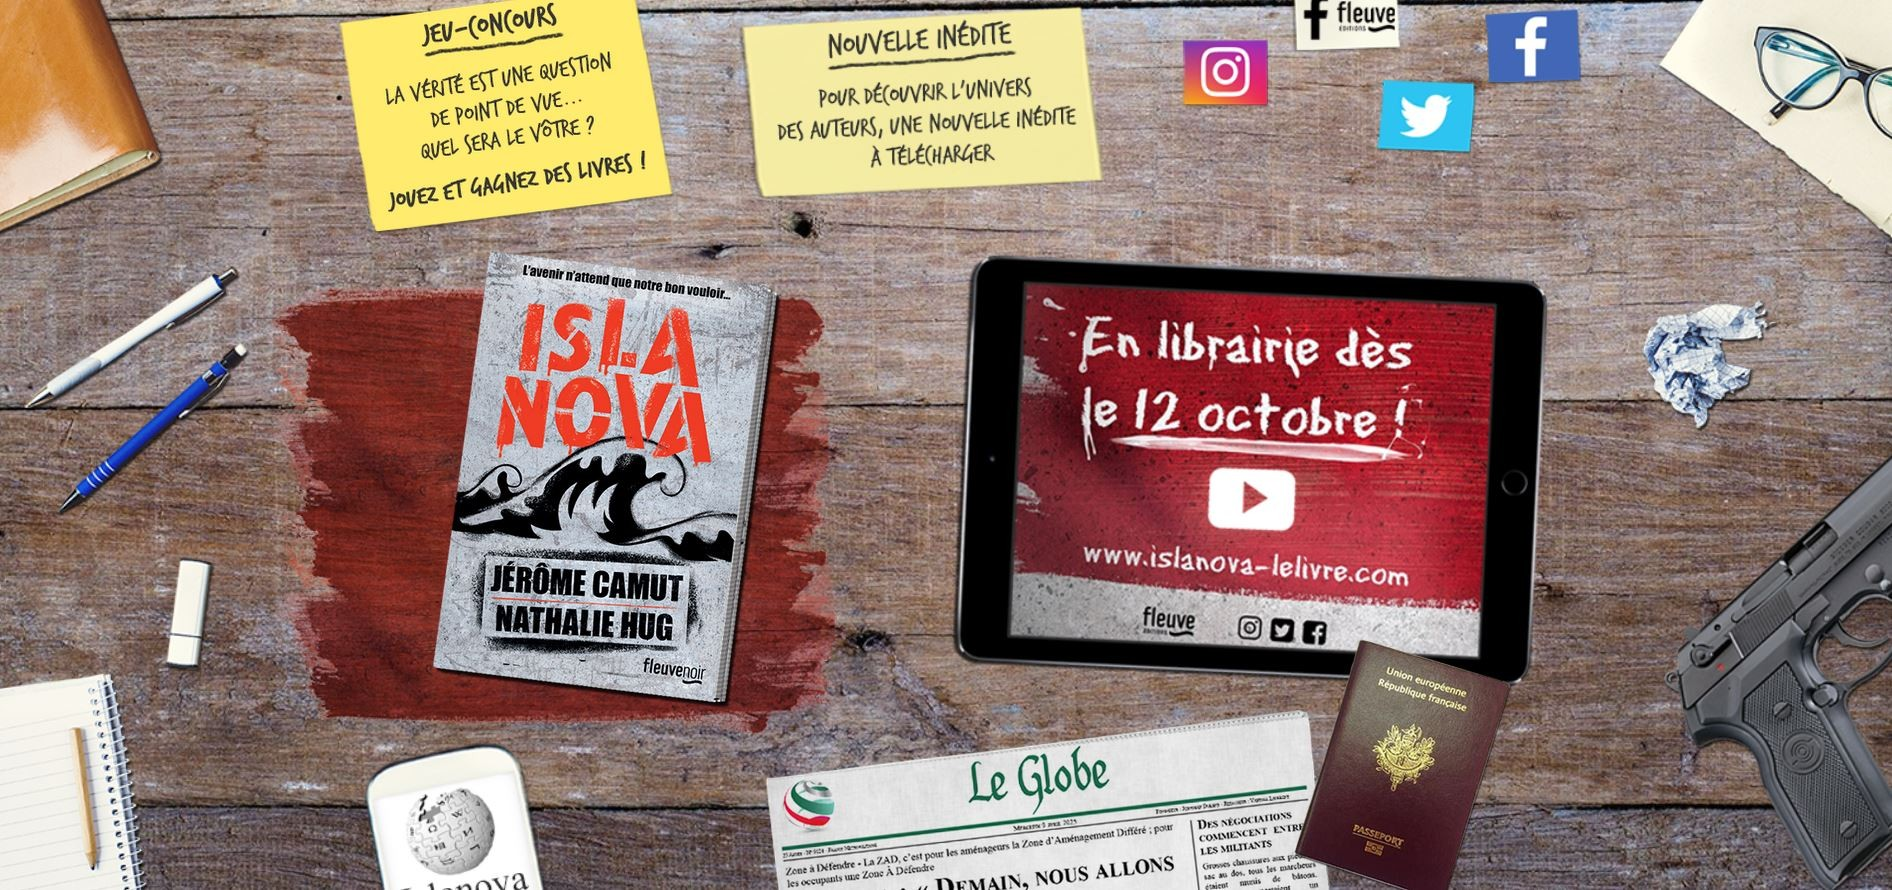 www.islanova-lelivre.com